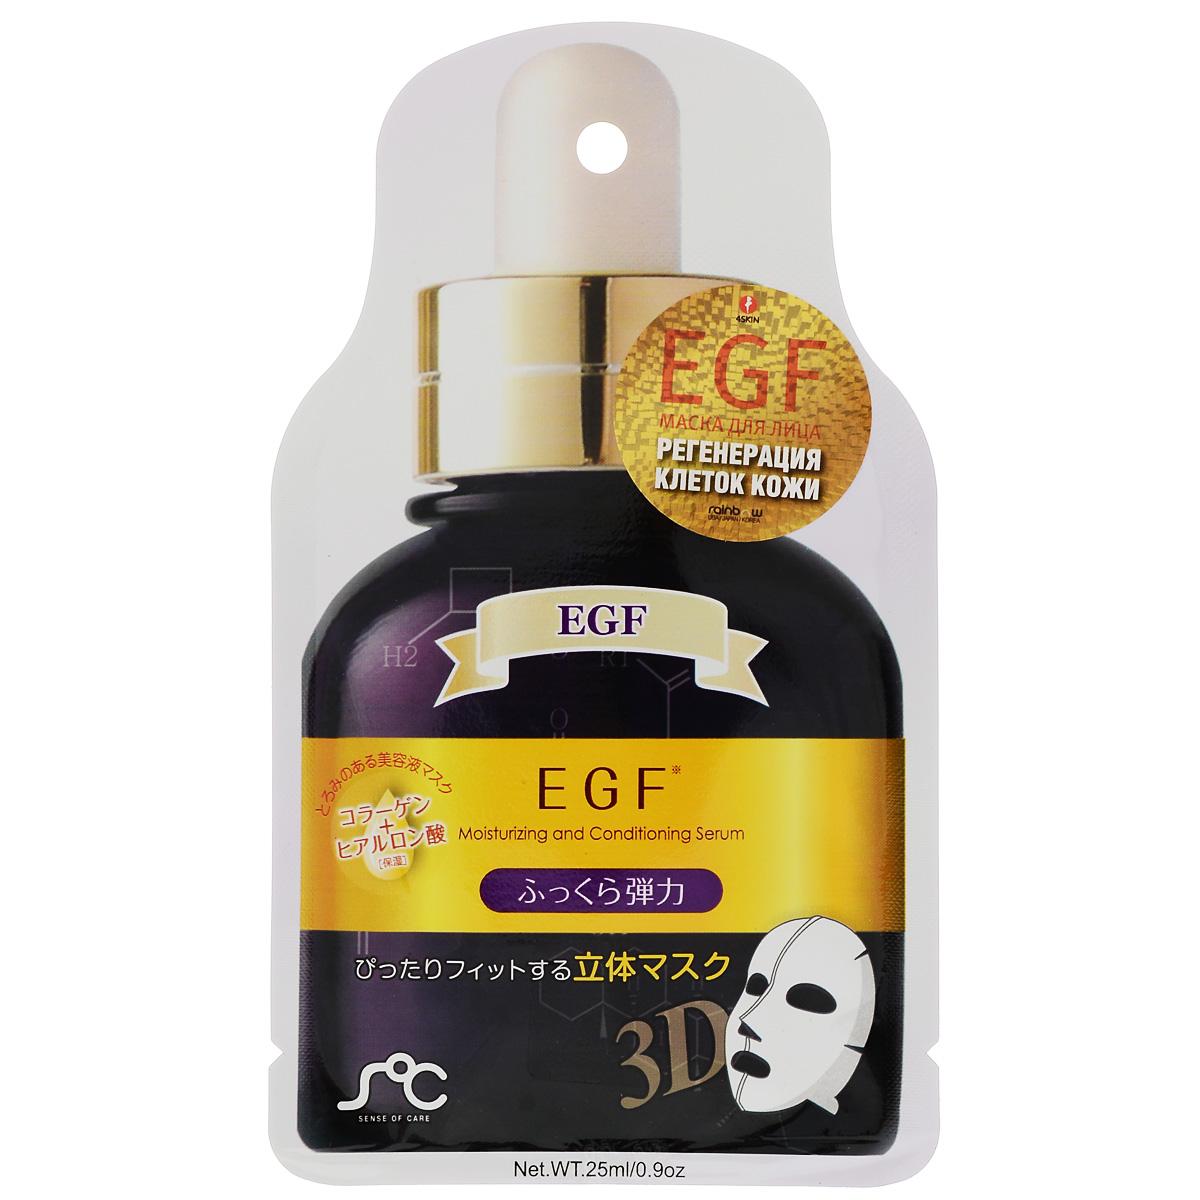 Rainbowbeauty 3D маска-сыворотка EGF для лица с эпидермальным фактором роста, 25 мл961514Фактор эпидермального роста (EGF), при нанесении на кожу лица эффективно способствуют регенерации клеток, помогает оживить клетки кожи, и восстановить кожу в наилучшем состоянии.